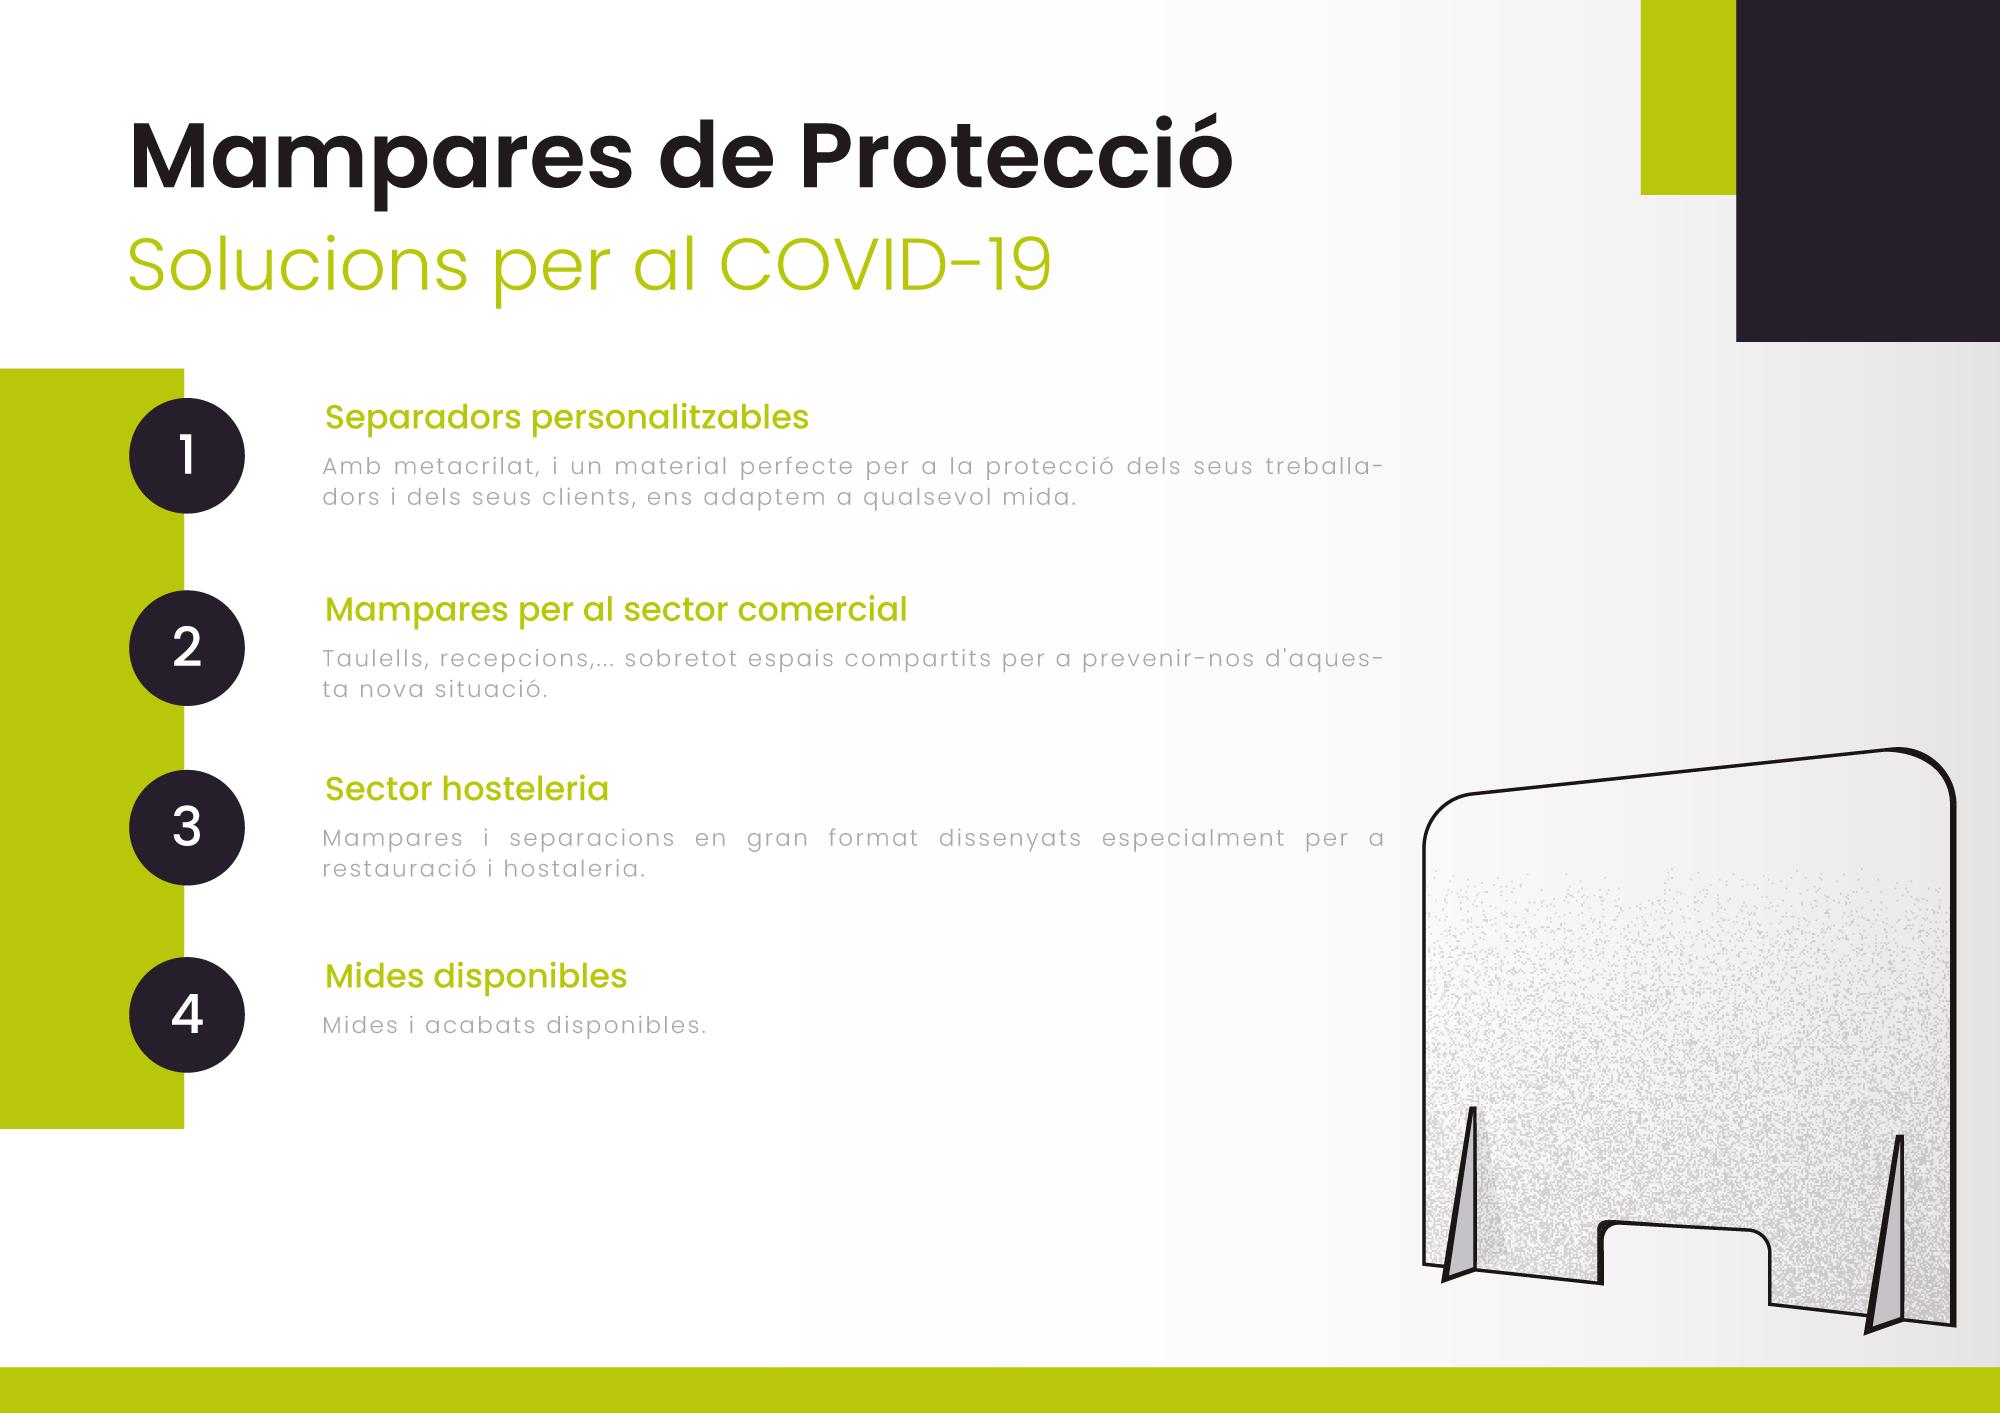 1vir - Mampares de Protecció de metraquilat 3mm, 5mm i 8mm